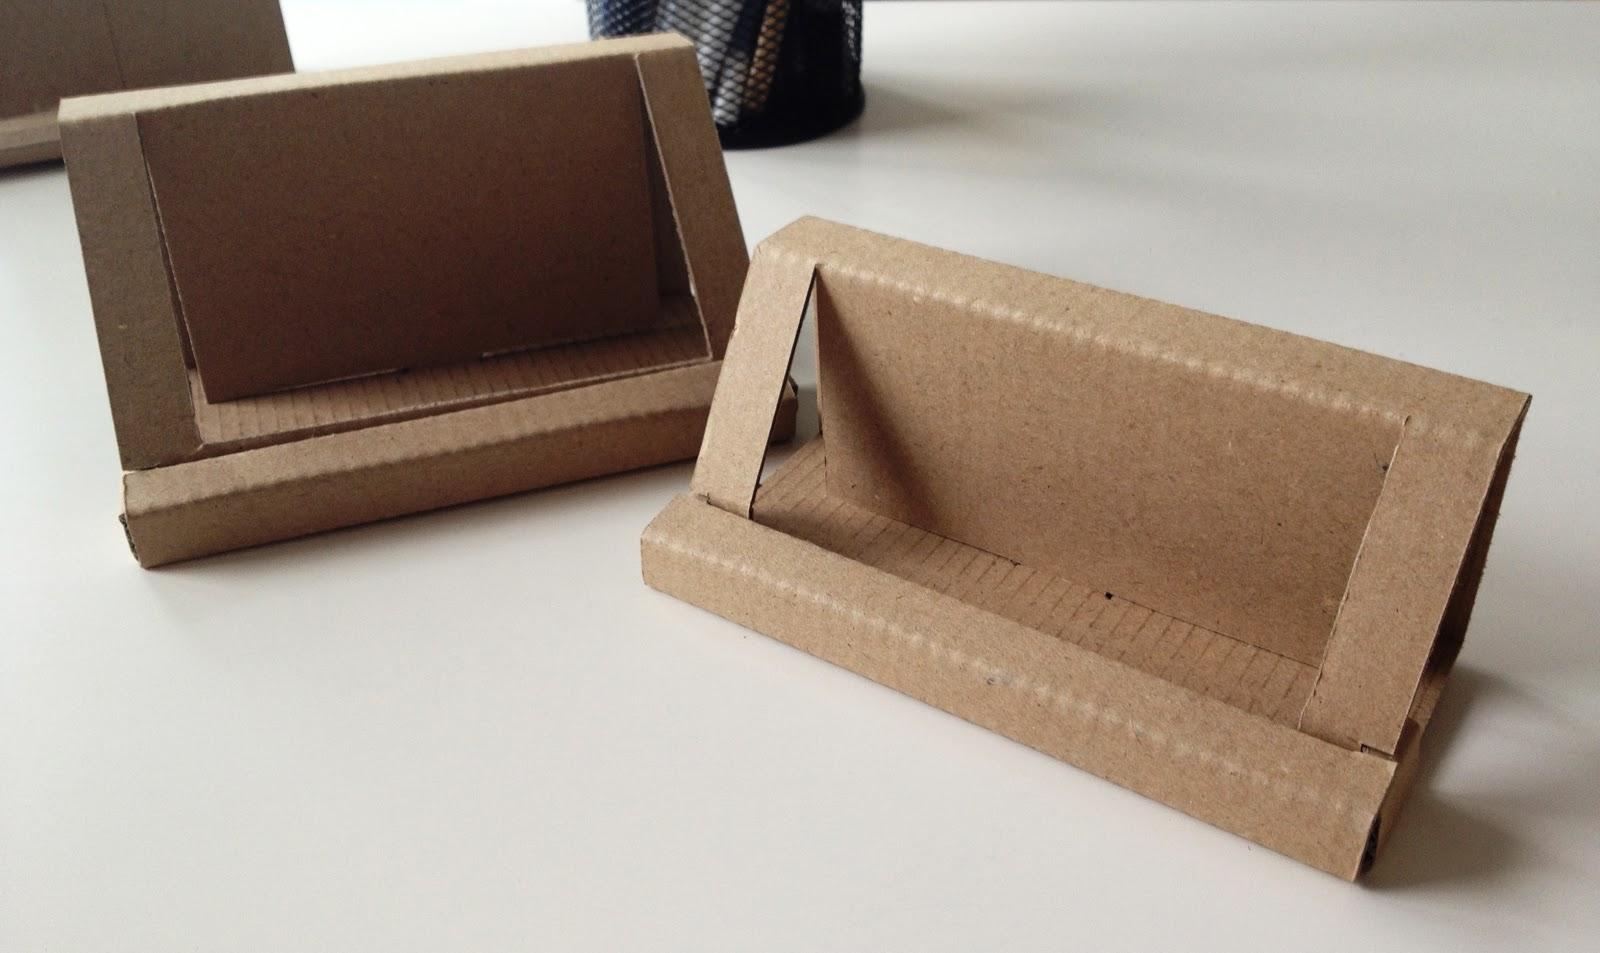 Cardboard Business Card Holder Reloaded